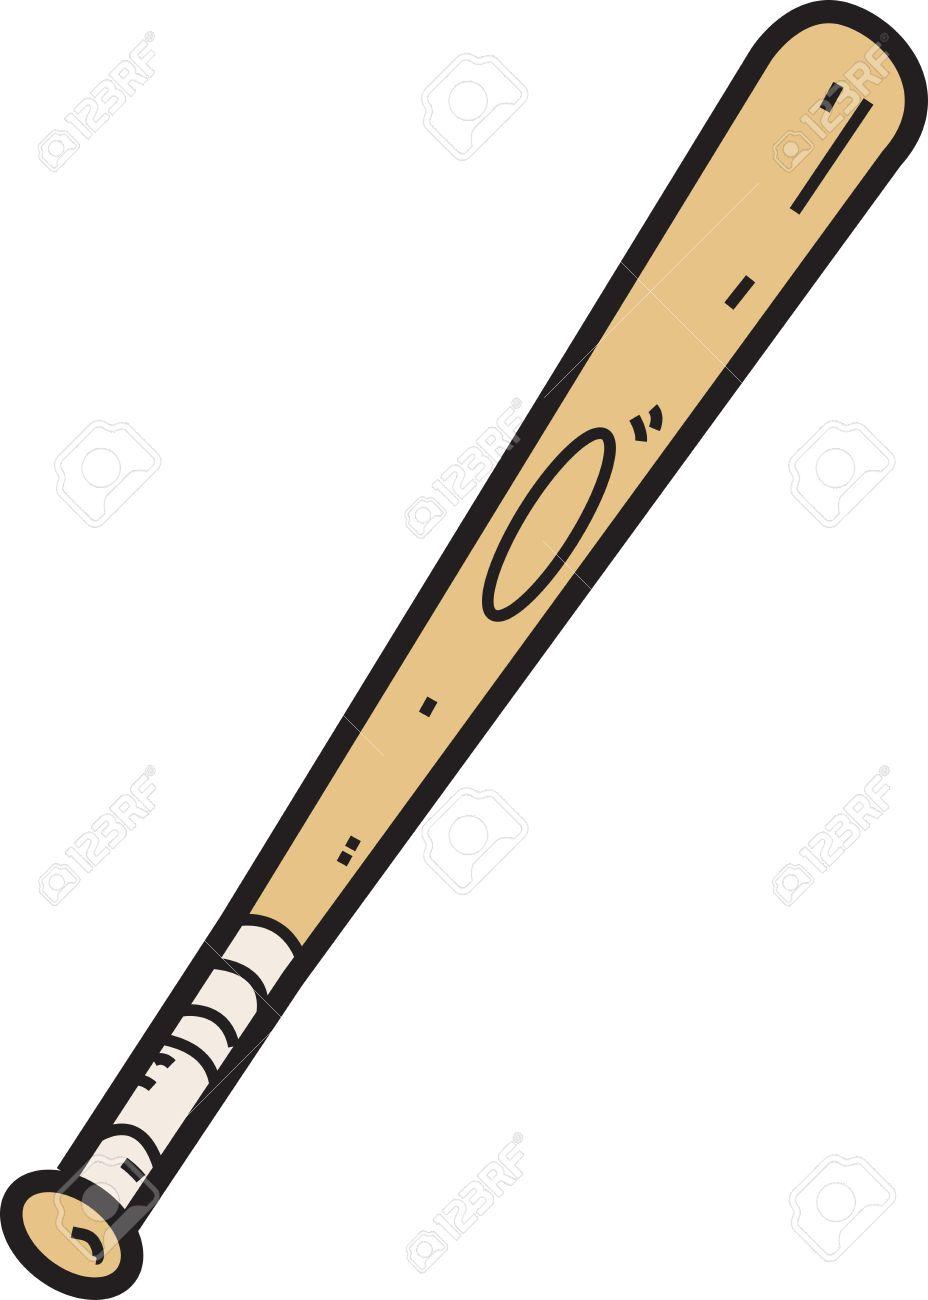 Swinging baseball bat clip art (67 ).